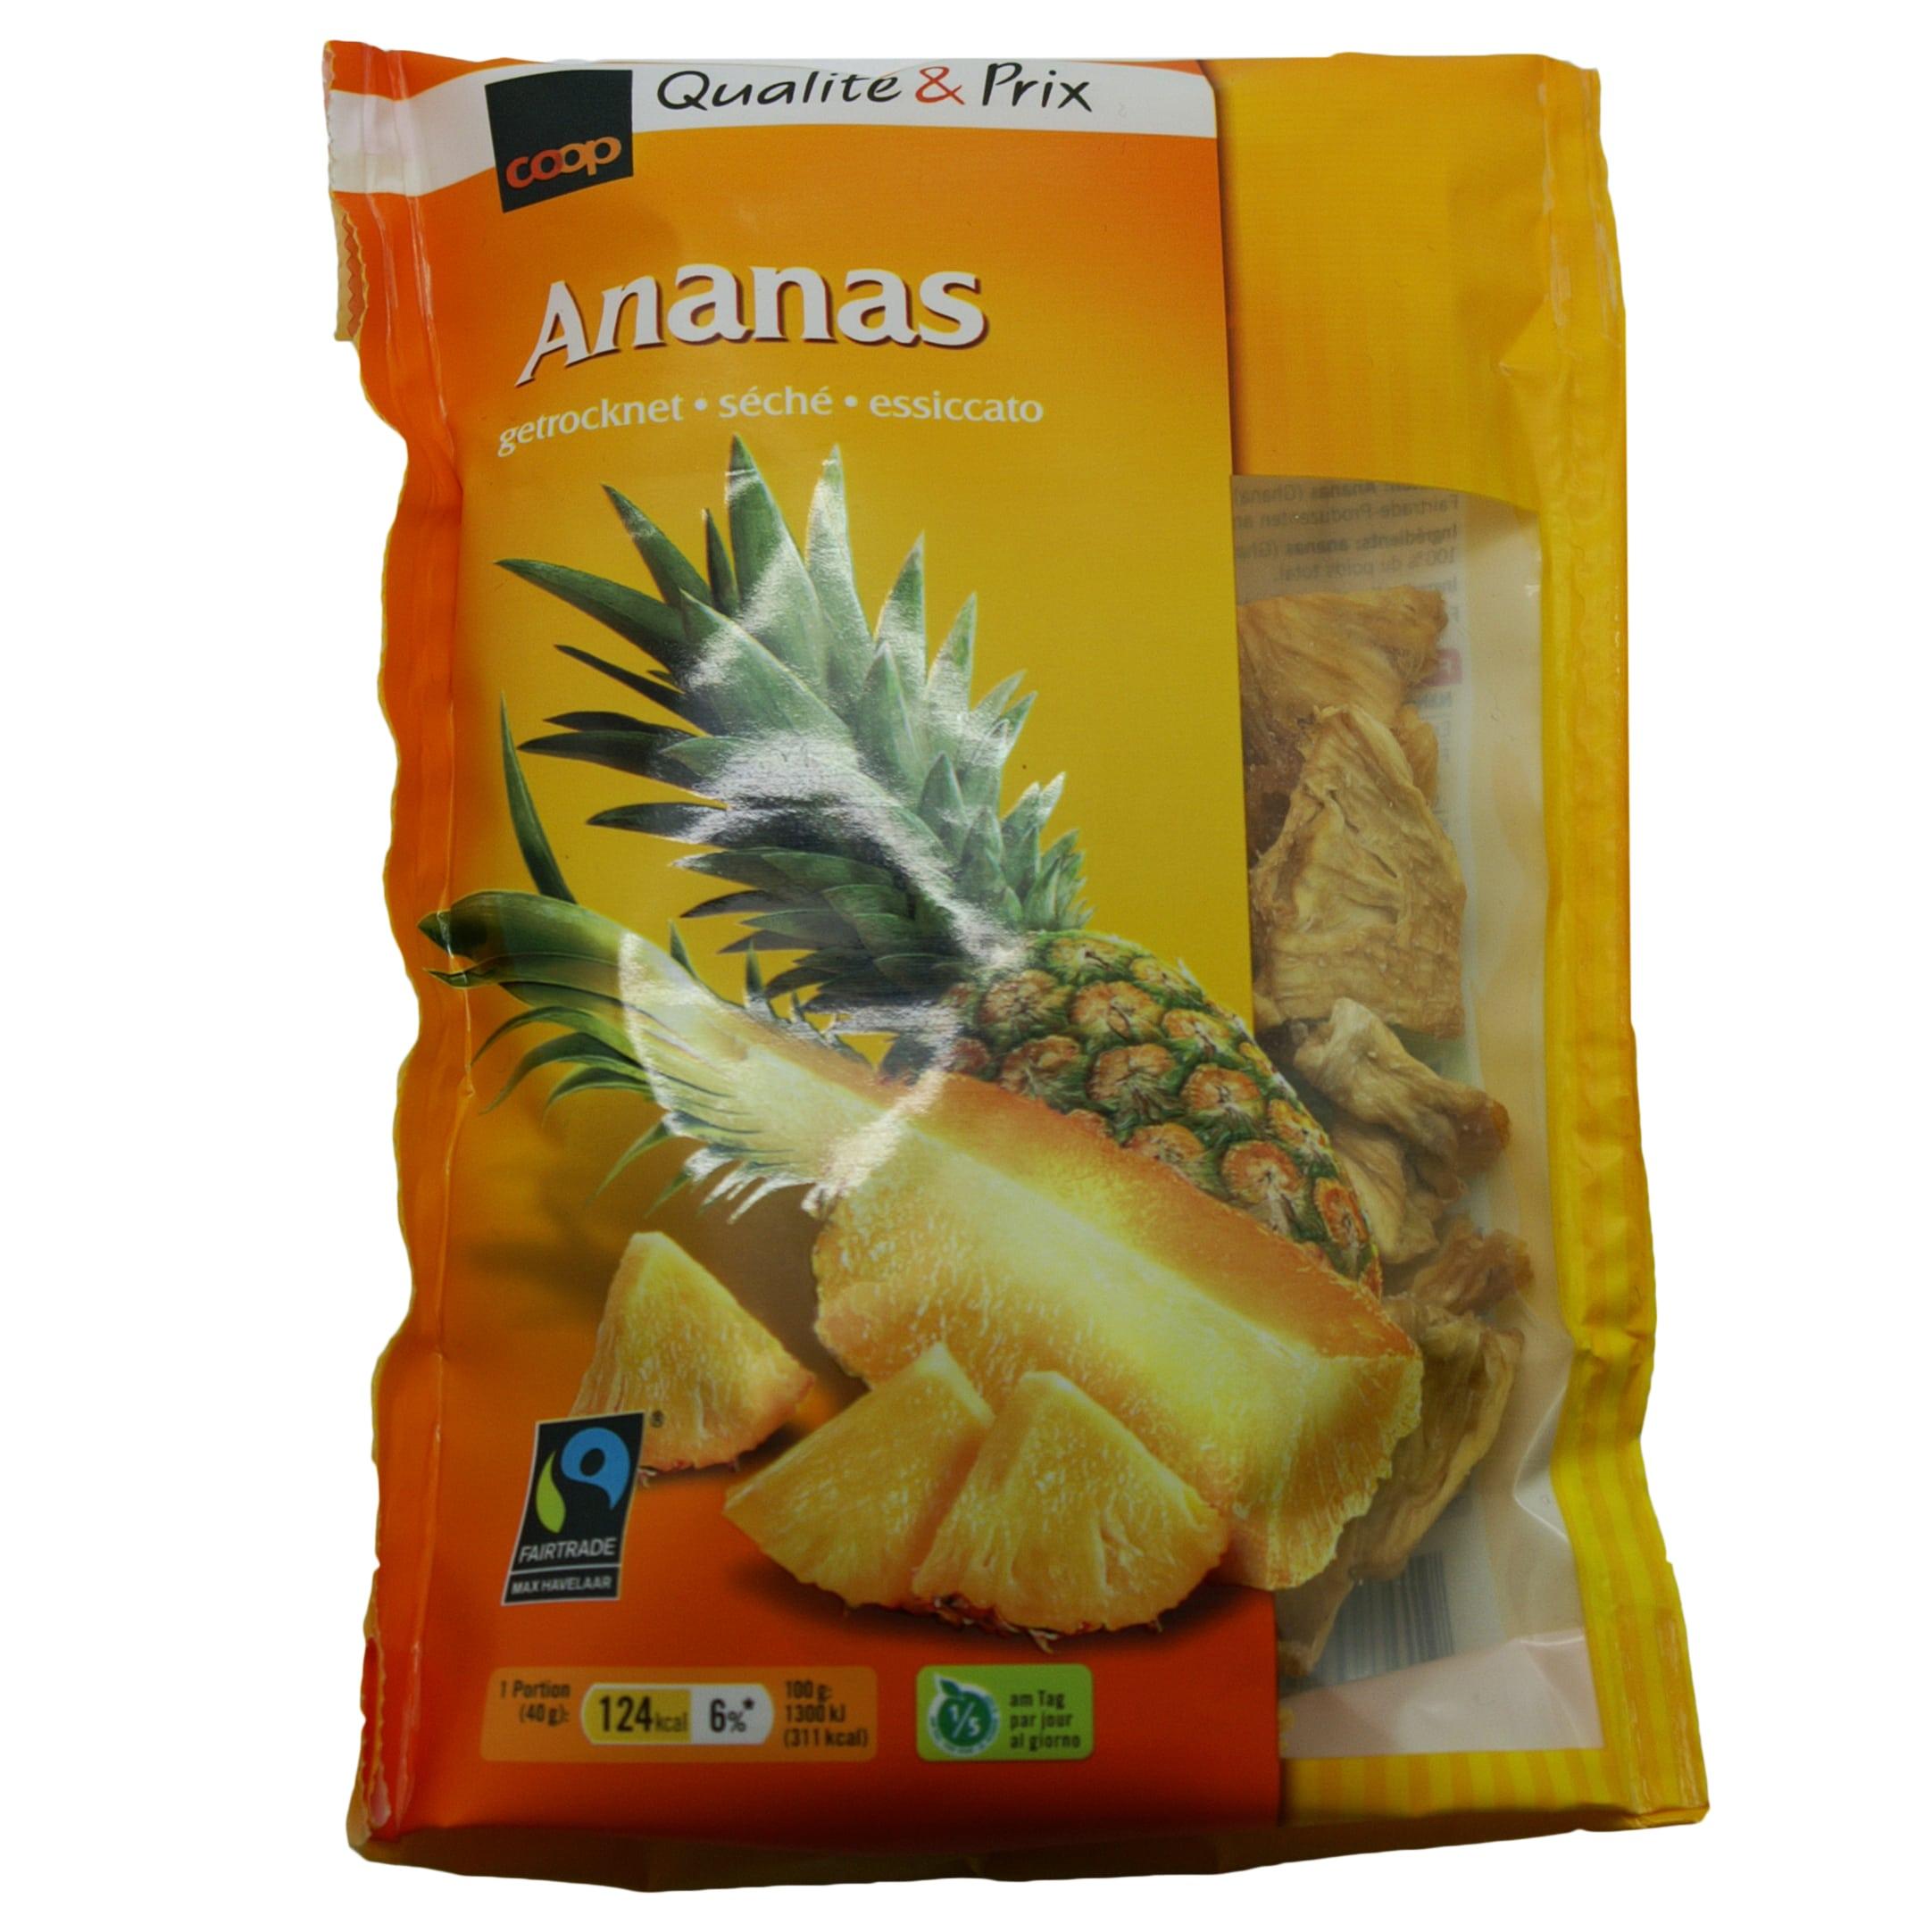 Ananas, getrocknet